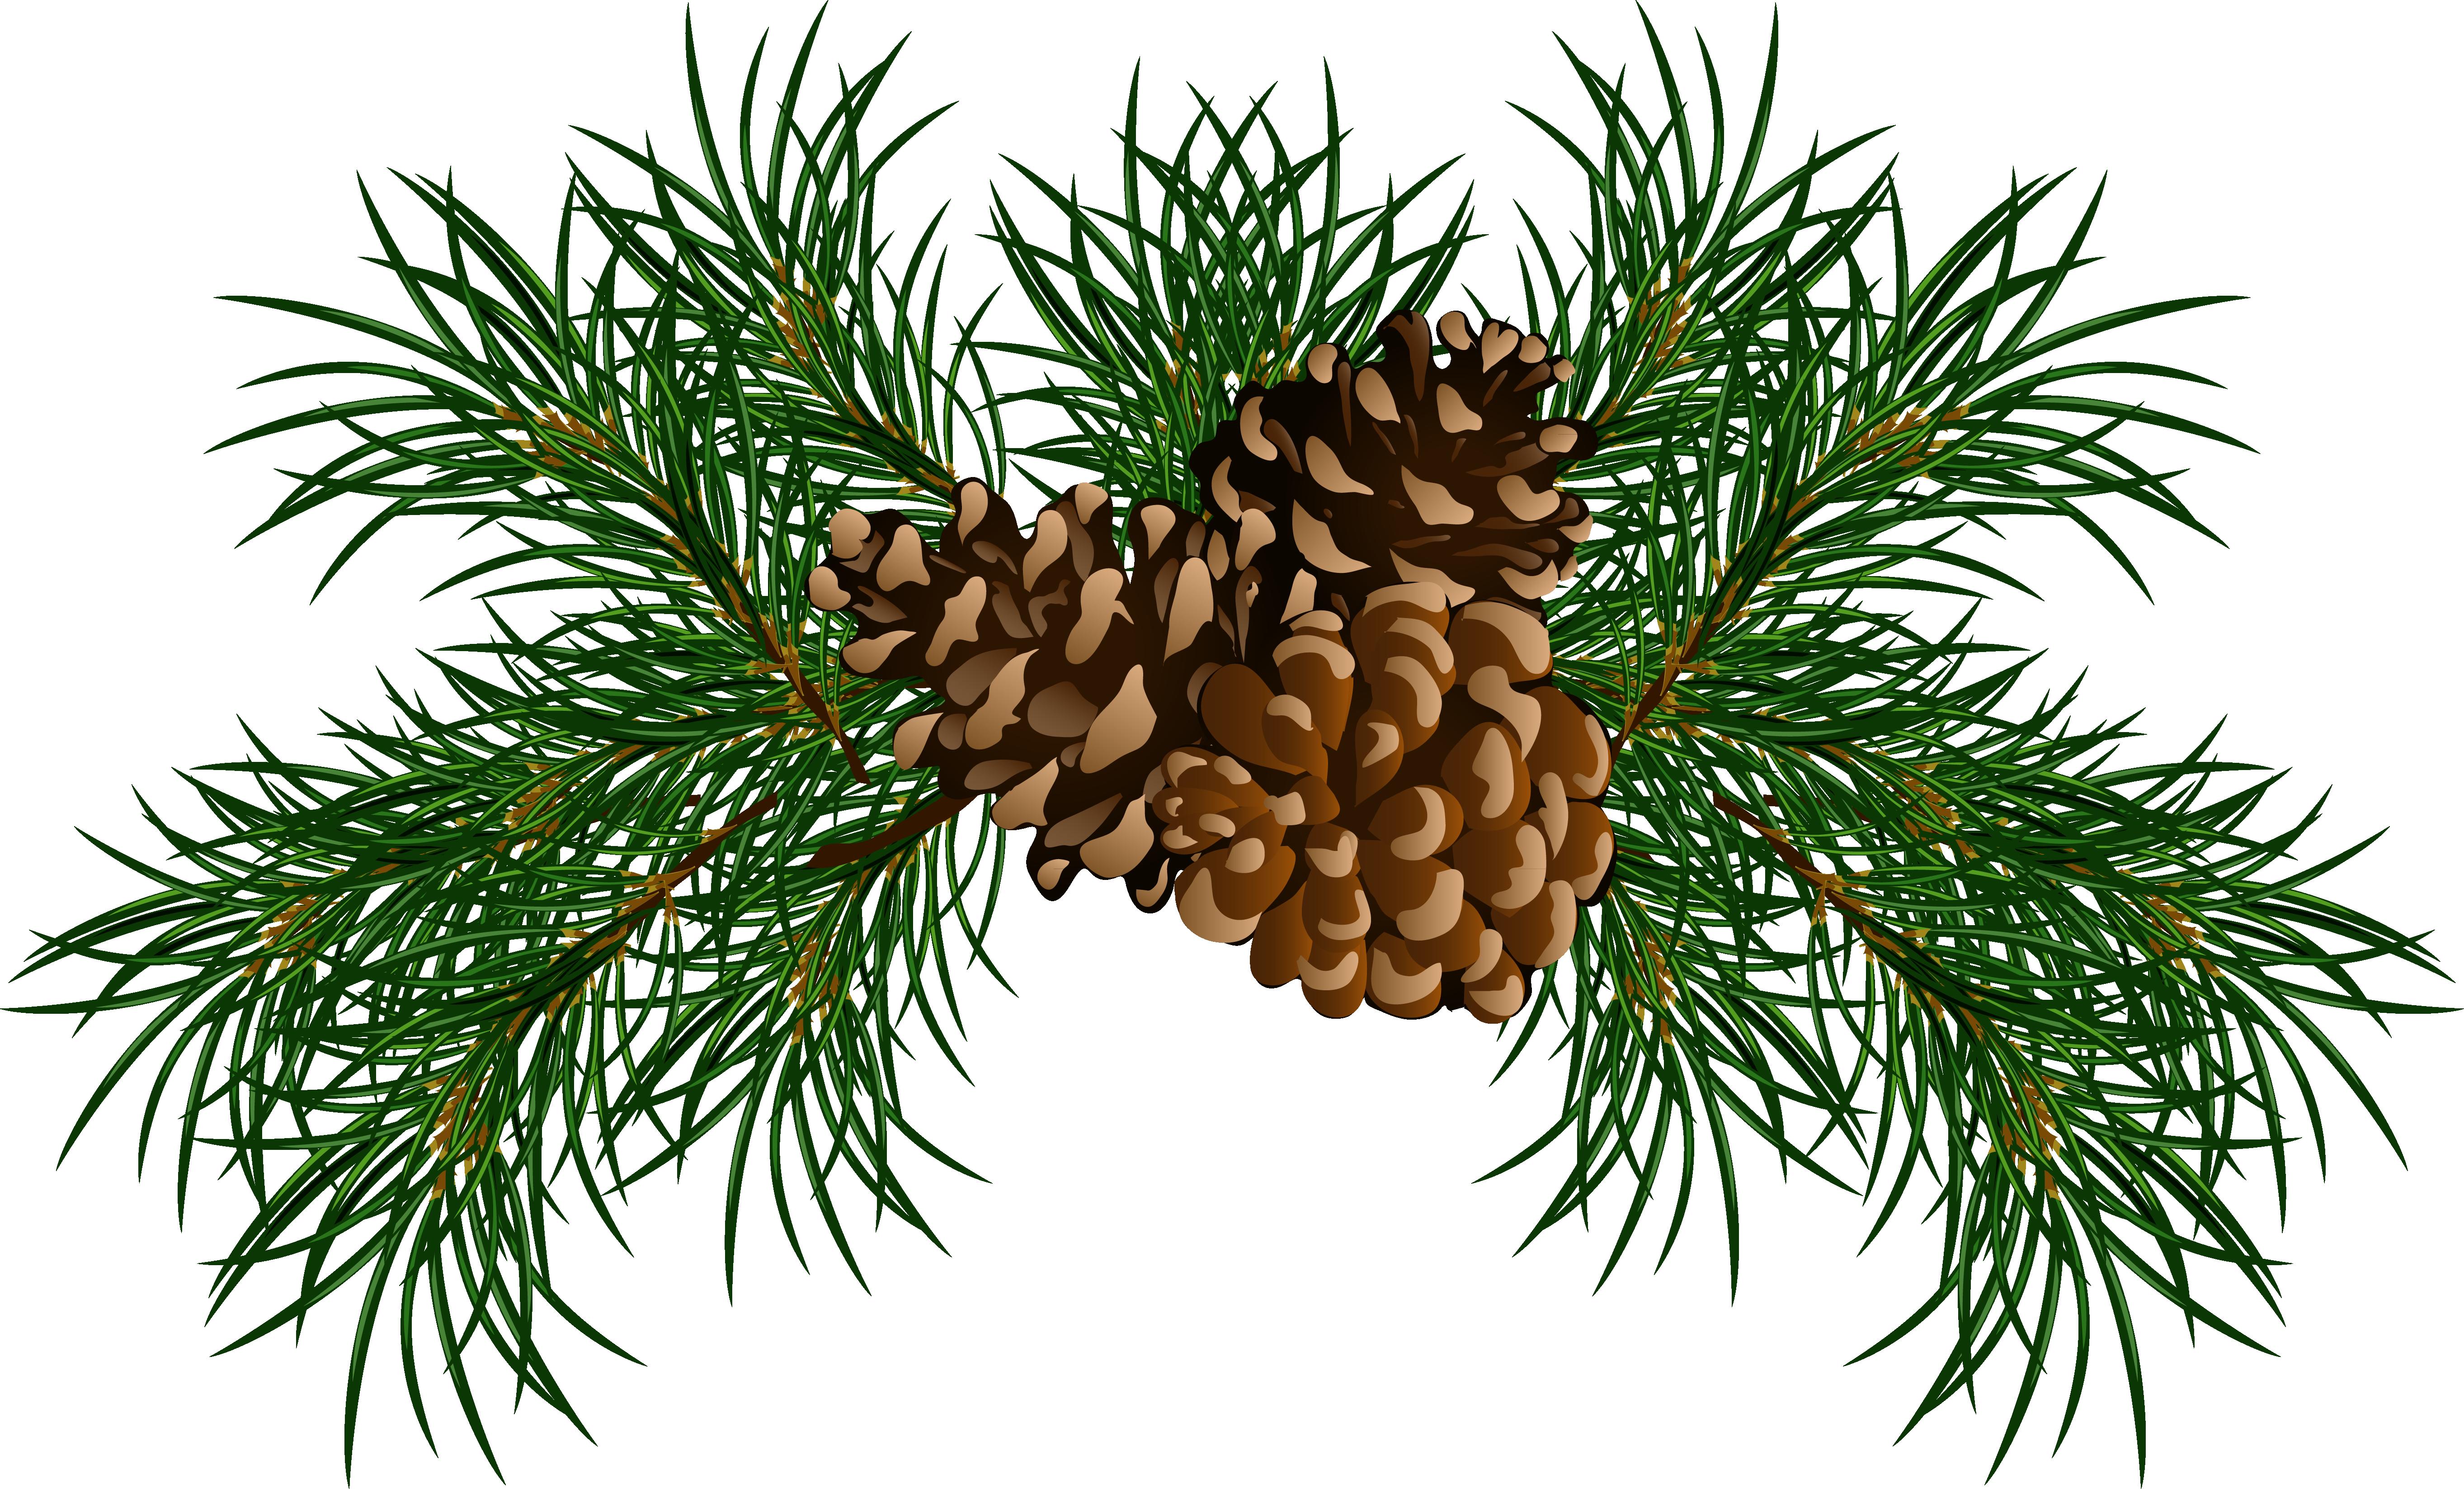 ... pine cone clip art. b4088301b12bef873b3156f5cca5a2 .